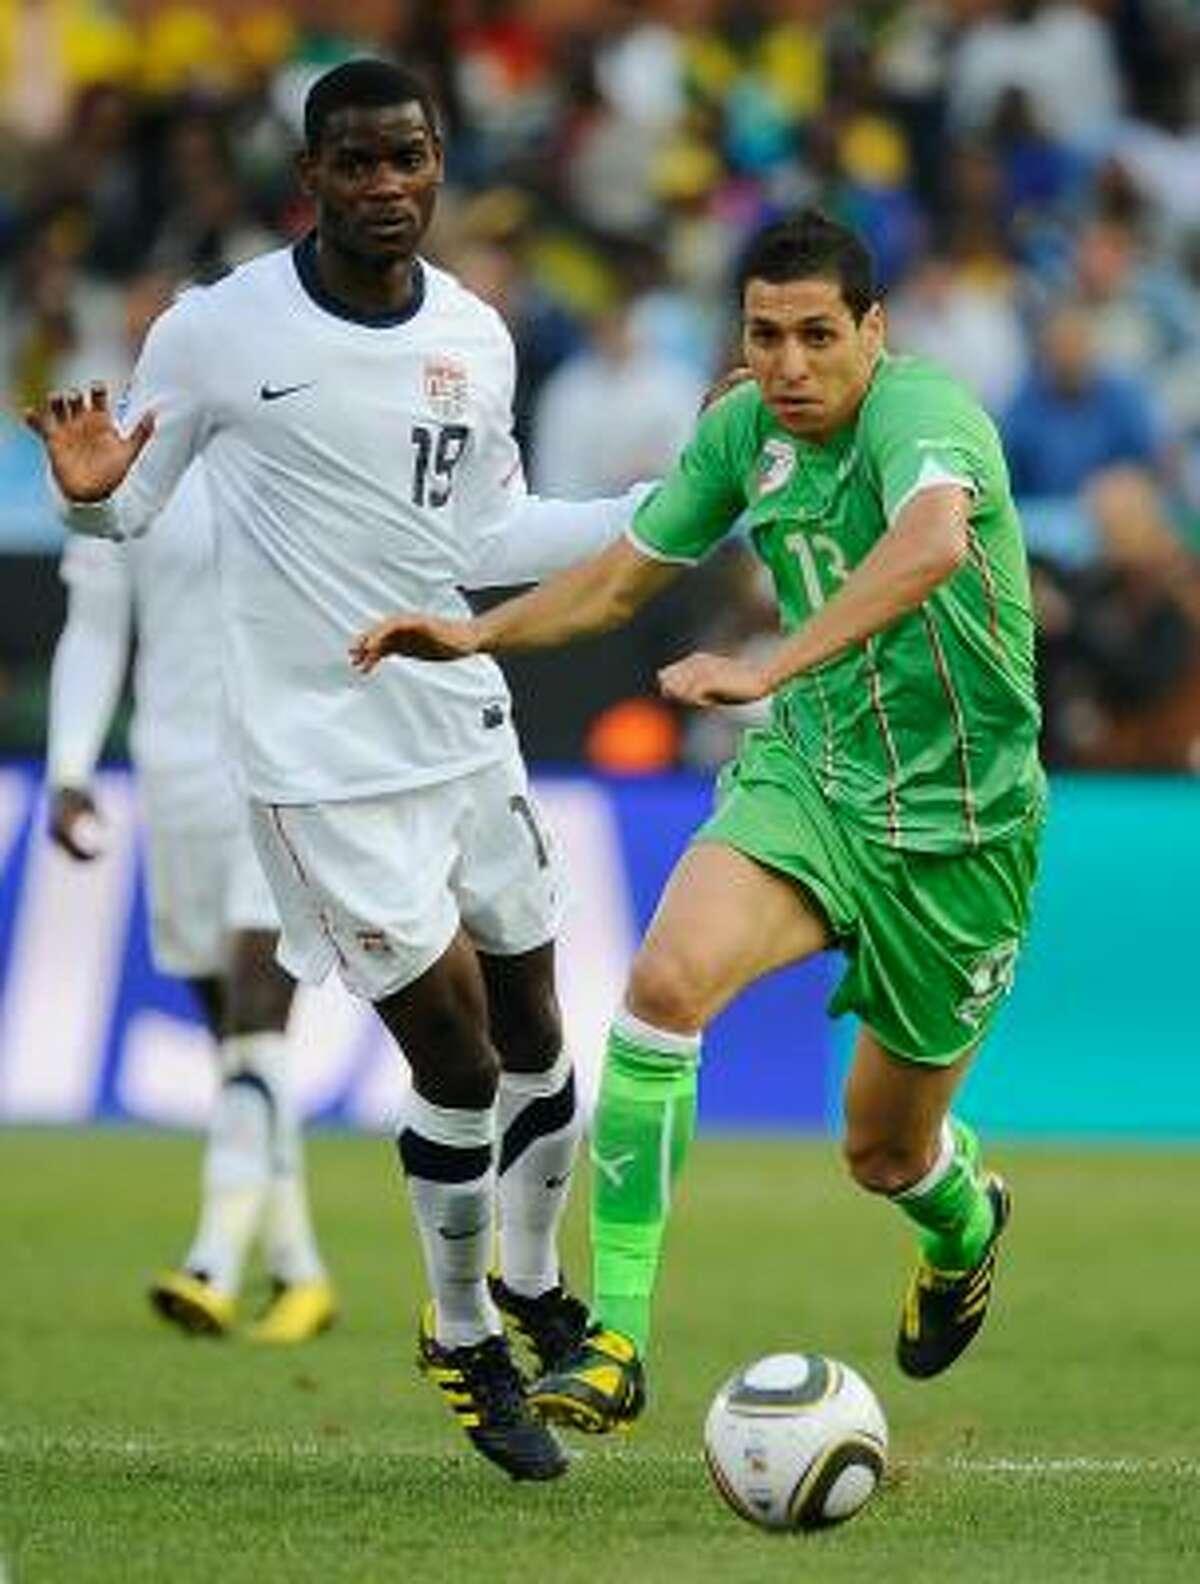 El argelino Karim Matmour (der.) trata de escaparse del estadounidense Maurice Edu.